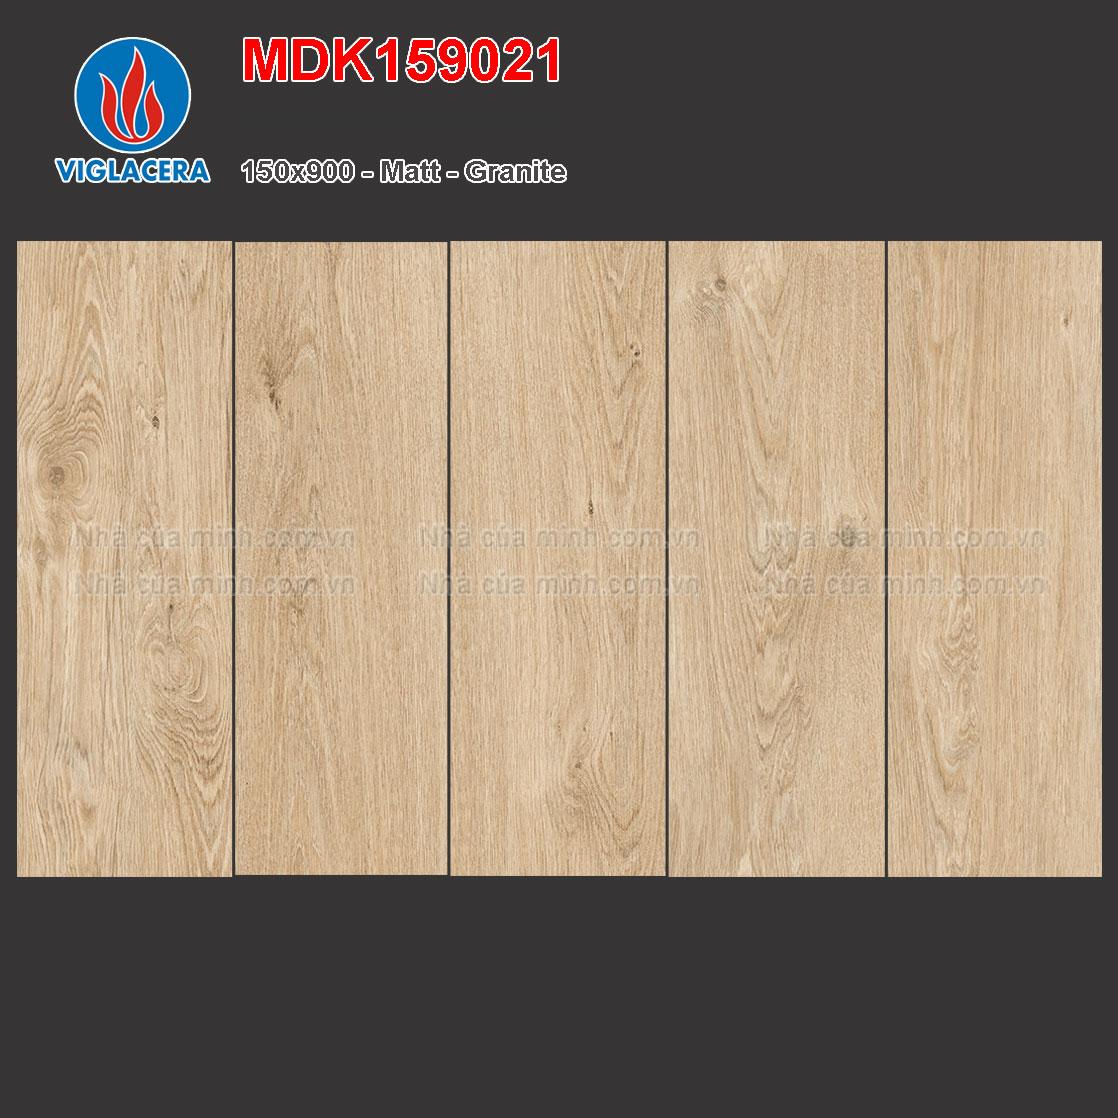 Gạch giả gỗ 150x900 Viglacera MDK159021 giá rẻ